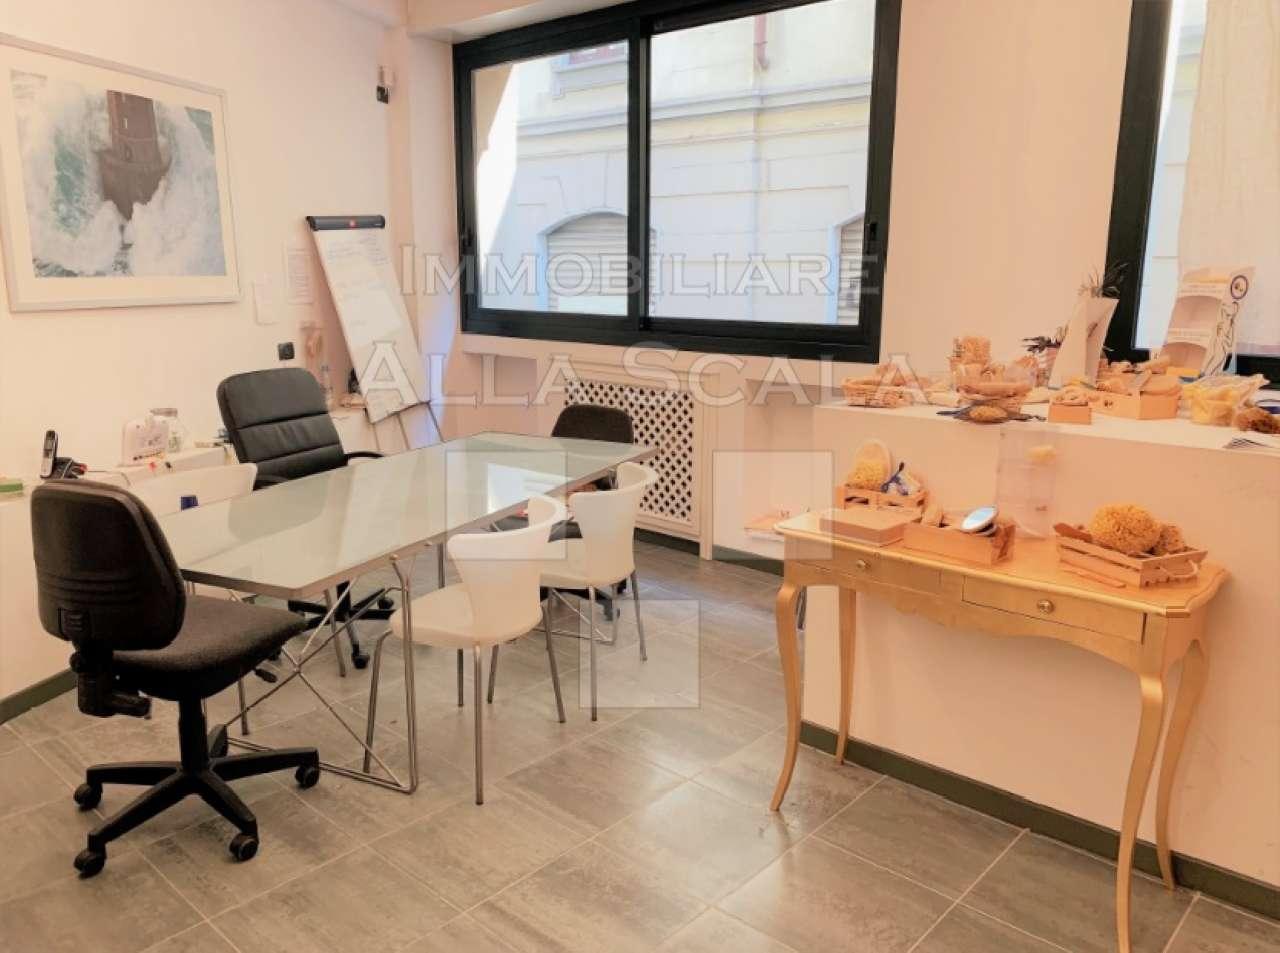 Ufficio-studio in Affitto a Milano 02 Brera / Volta / Repubblica:  2 locali, 35 mq  - Foto 1